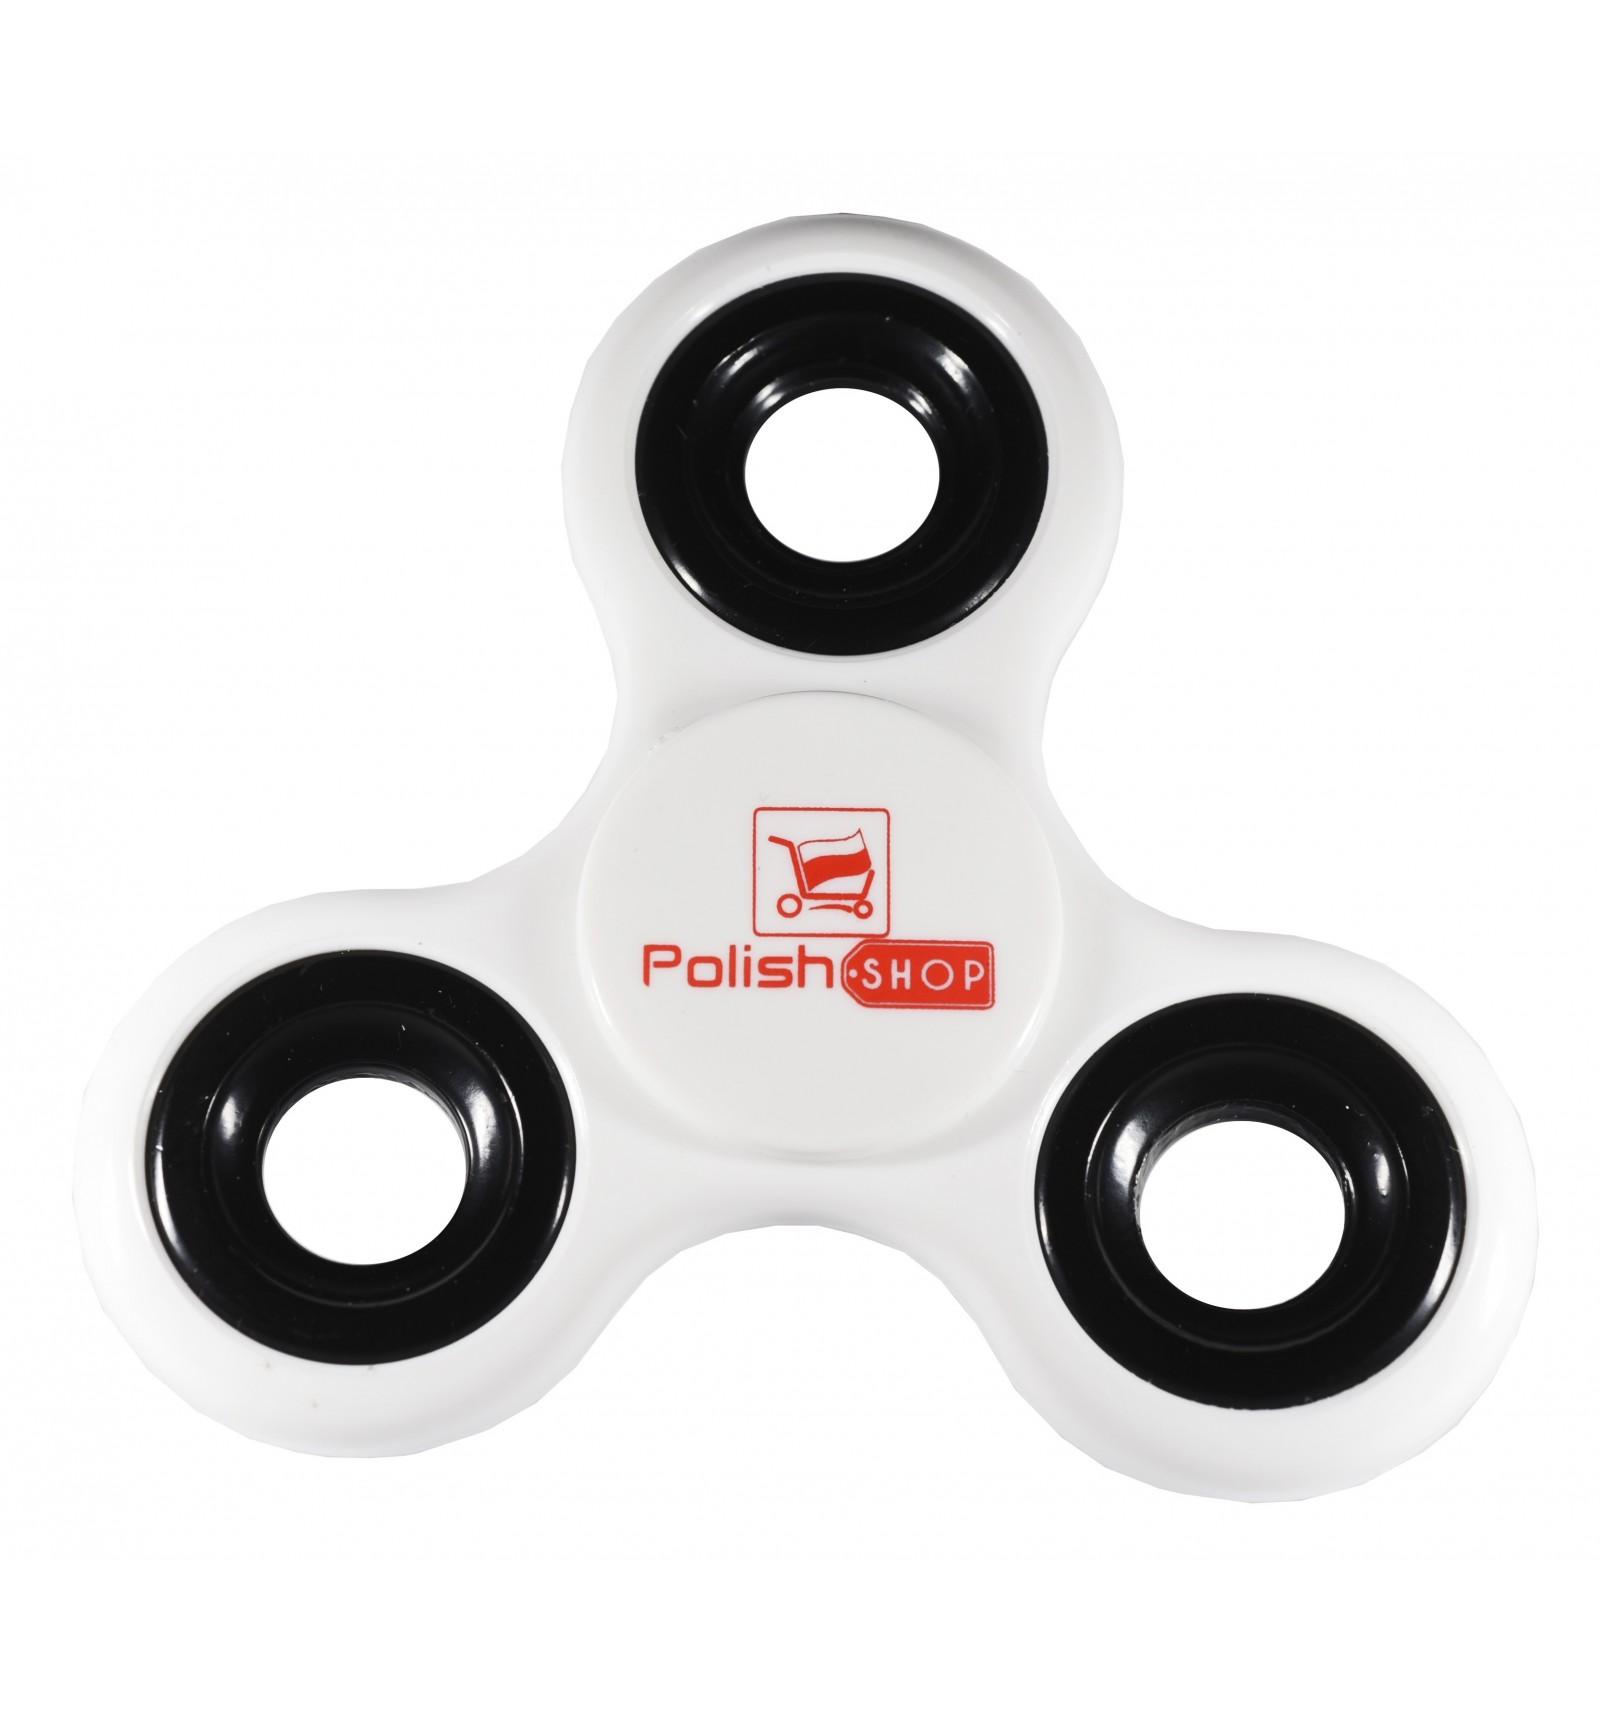 Fidget Spinner Buy: Buy Fidget / Spinner